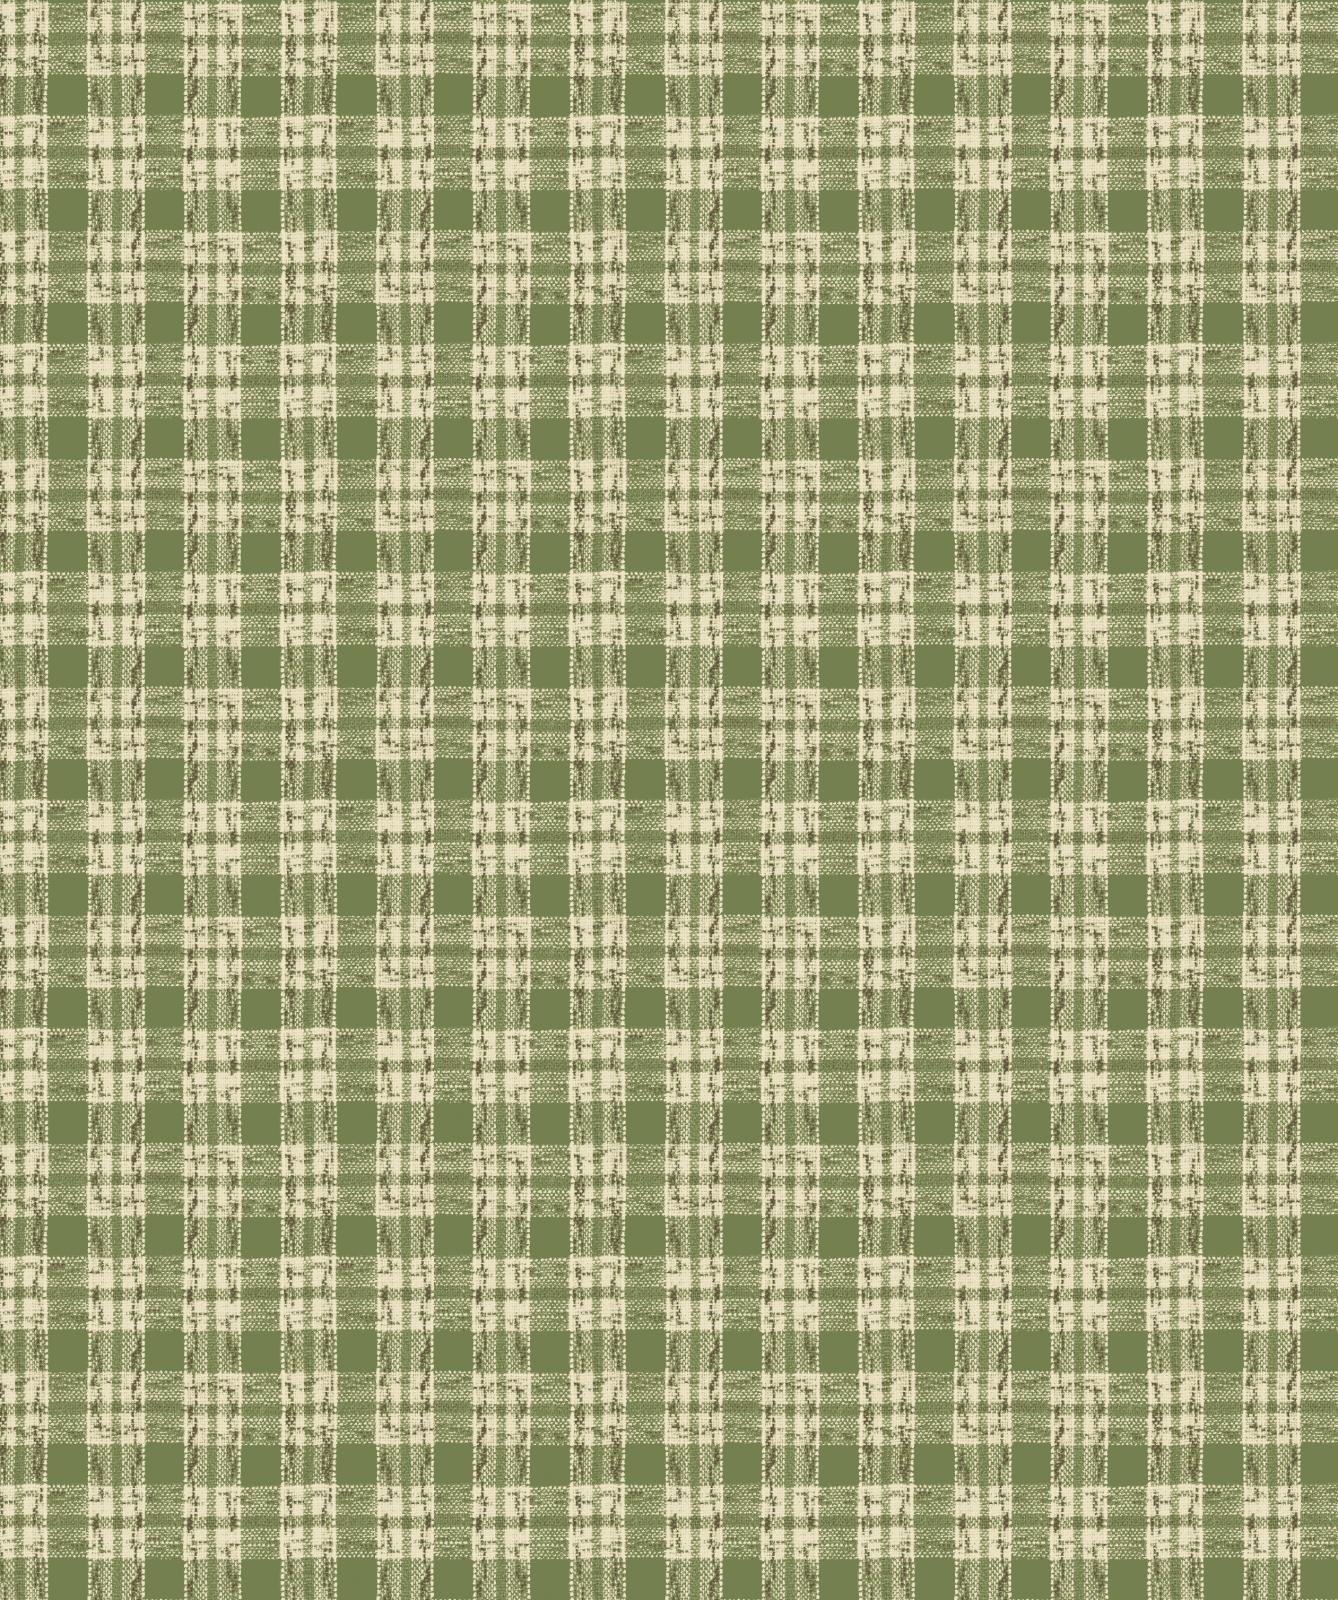 Garden Getaway Fabric 14 (0905 0152 )